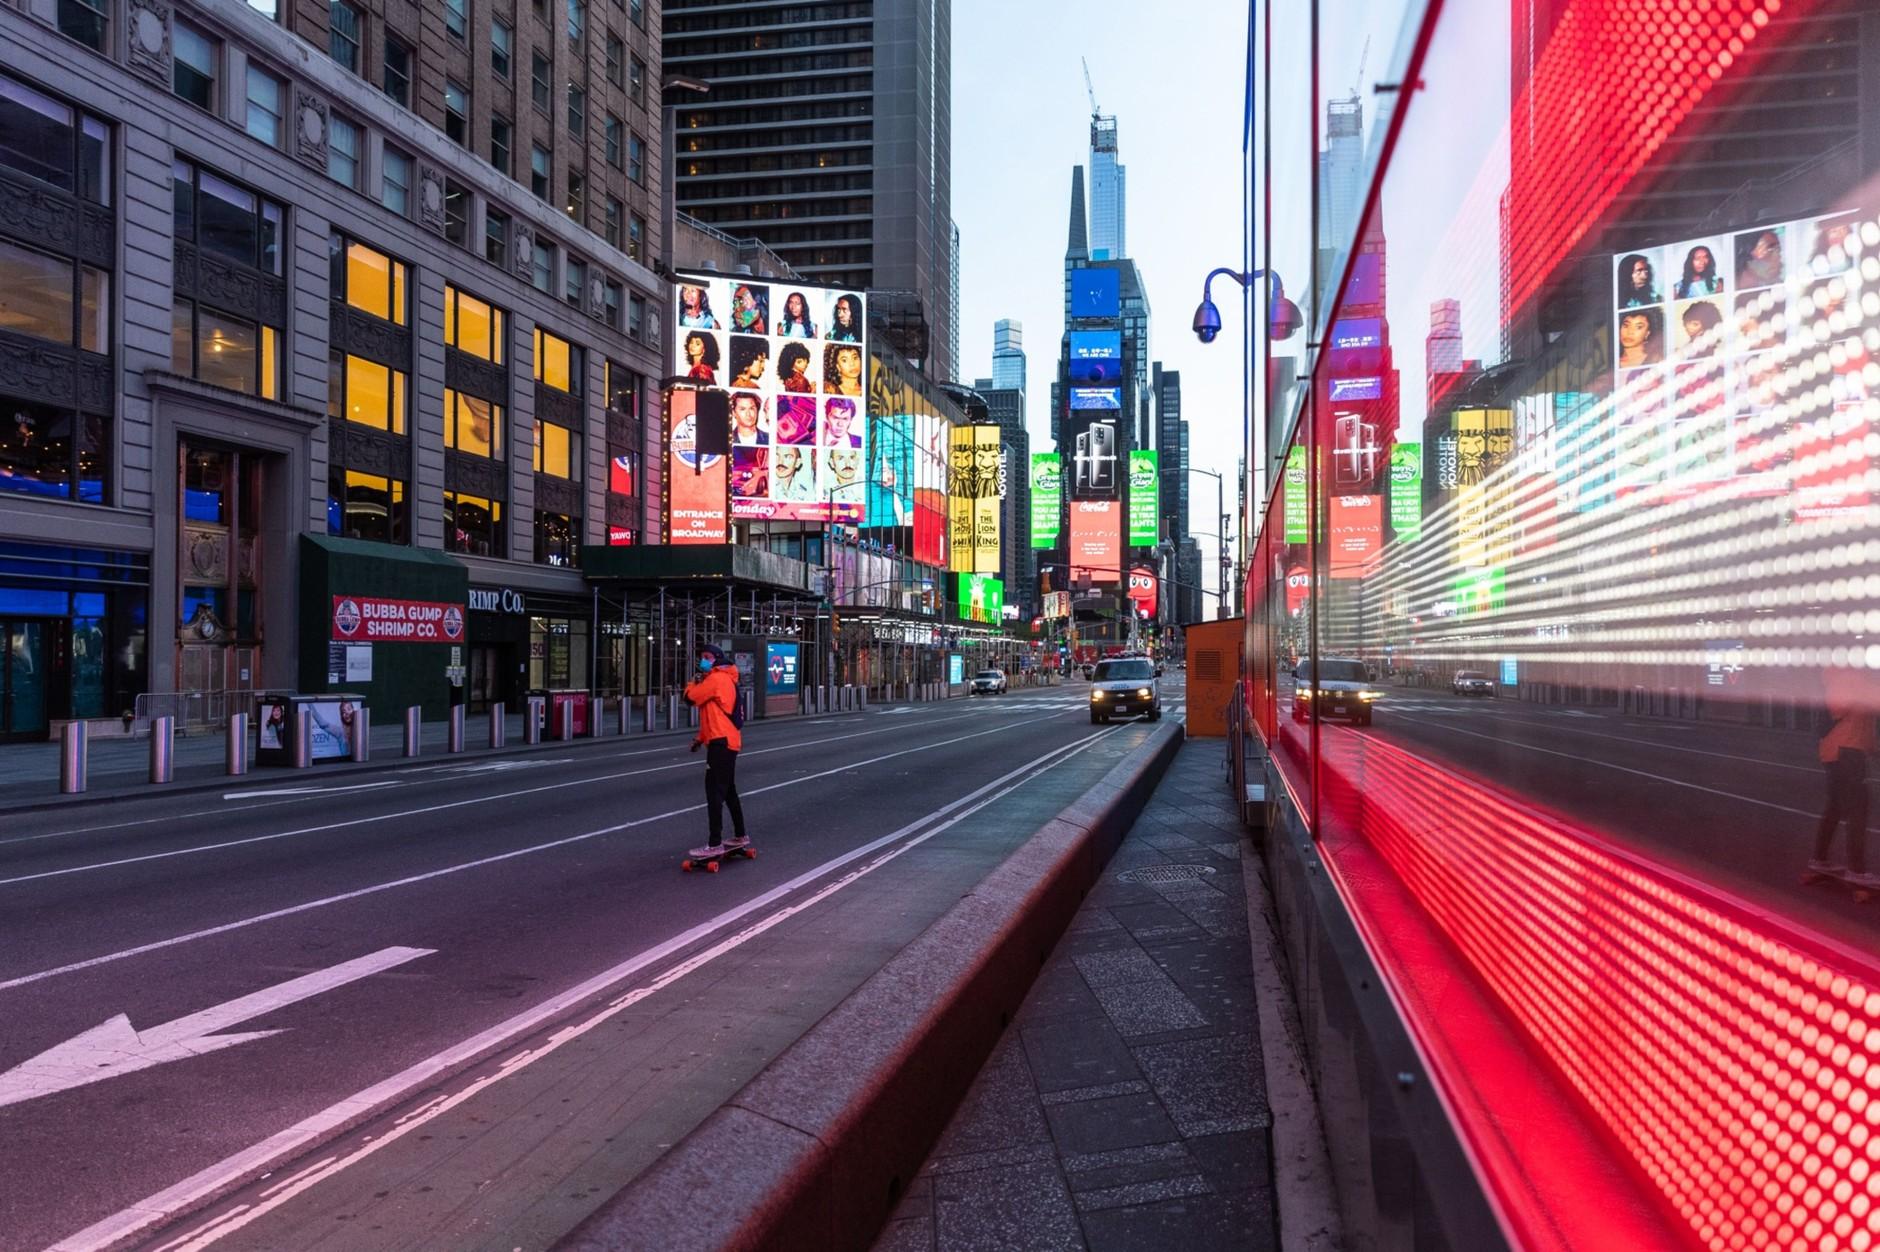 The Cities Reshaping Their Streets Under Coronavirus